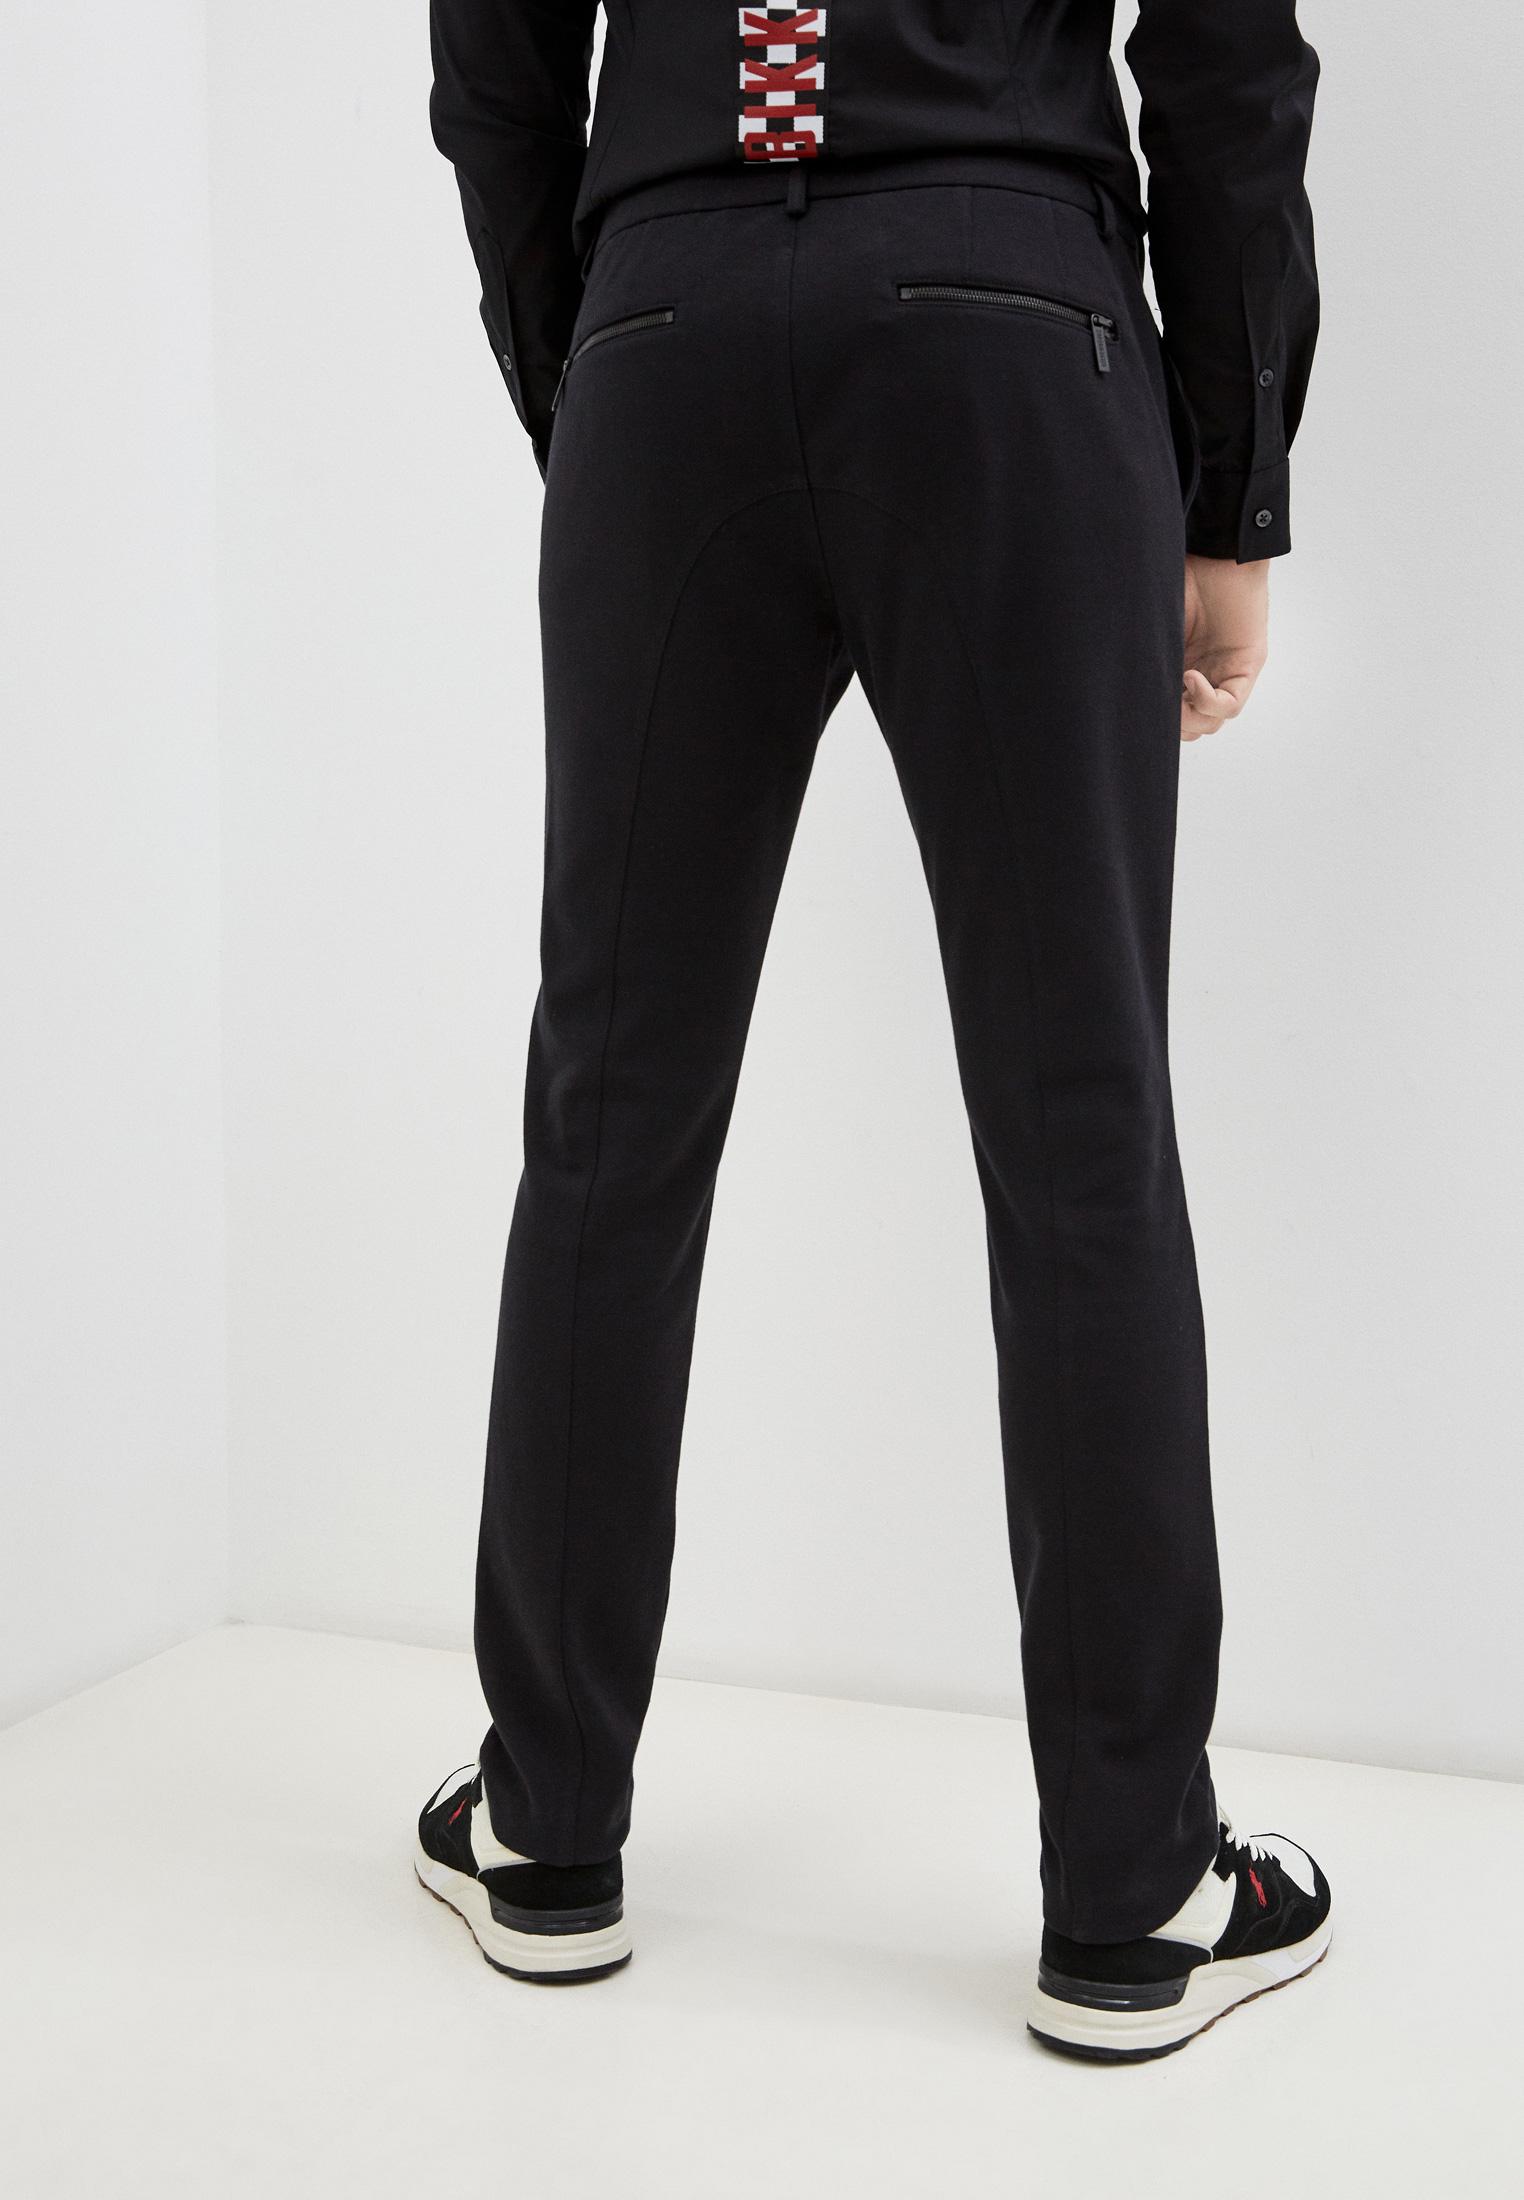 Мужские повседневные брюки Bikkembergs (Биккембергс) C 1 115 01 M 4114: изображение 4